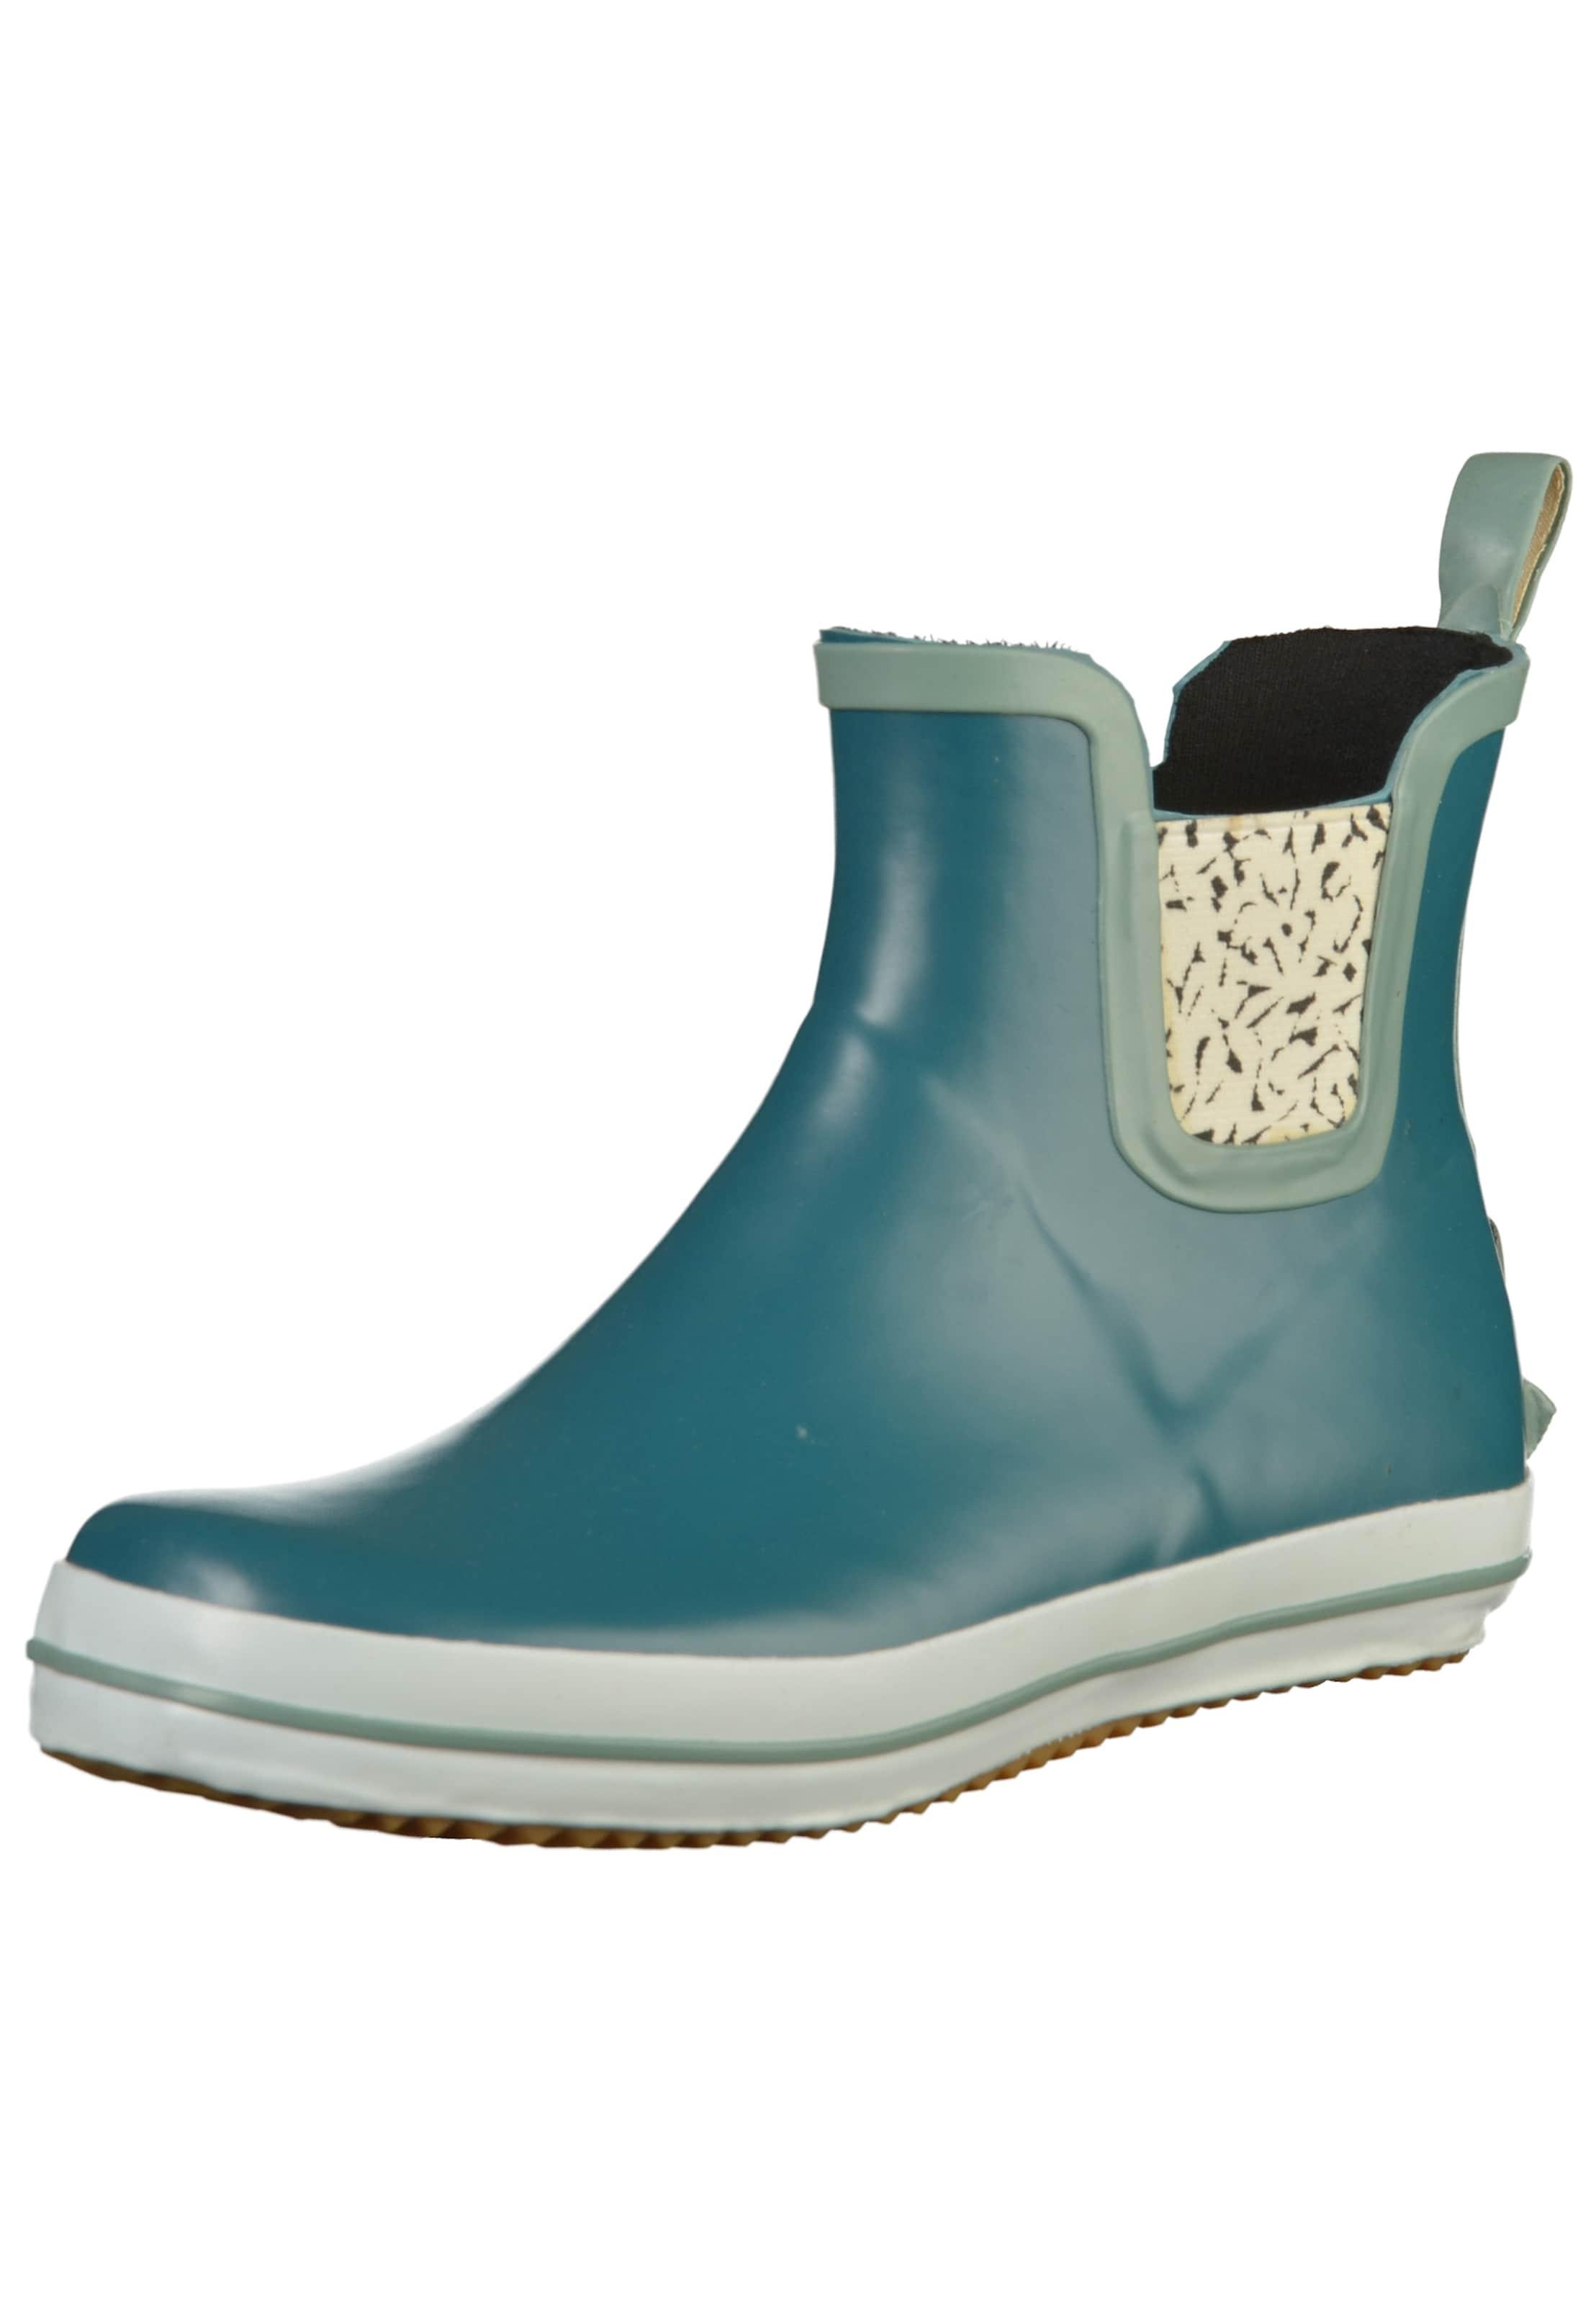 Kamik Stiefel Verschleißfeste billige Schuhe Hohe Qualität